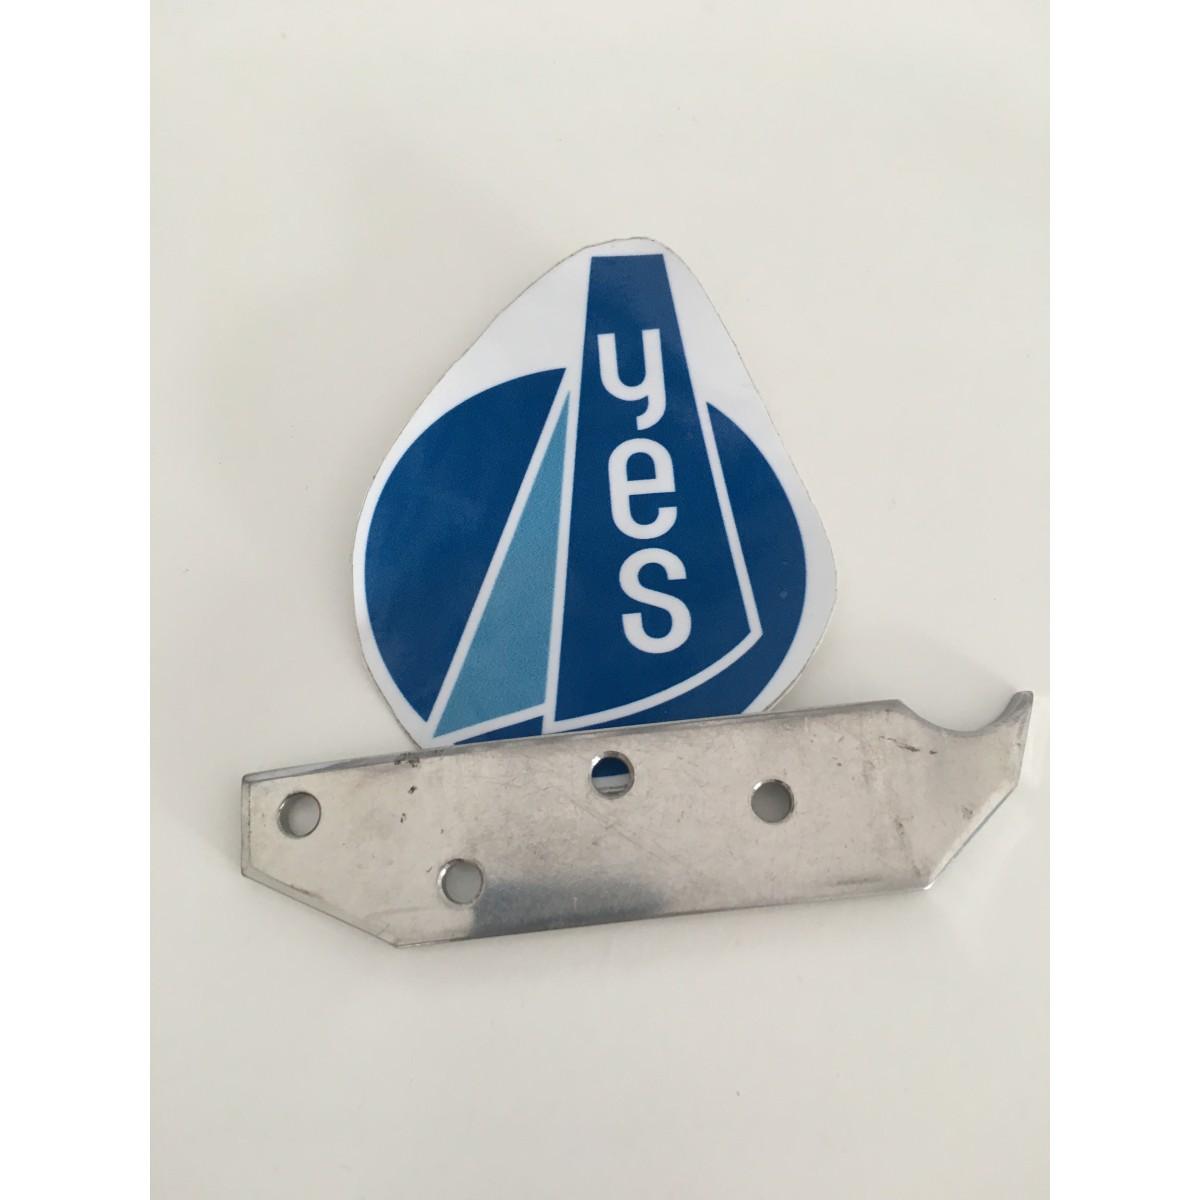 Hook drisse Hobie 17 / 18 Formula / 21 / Open 570